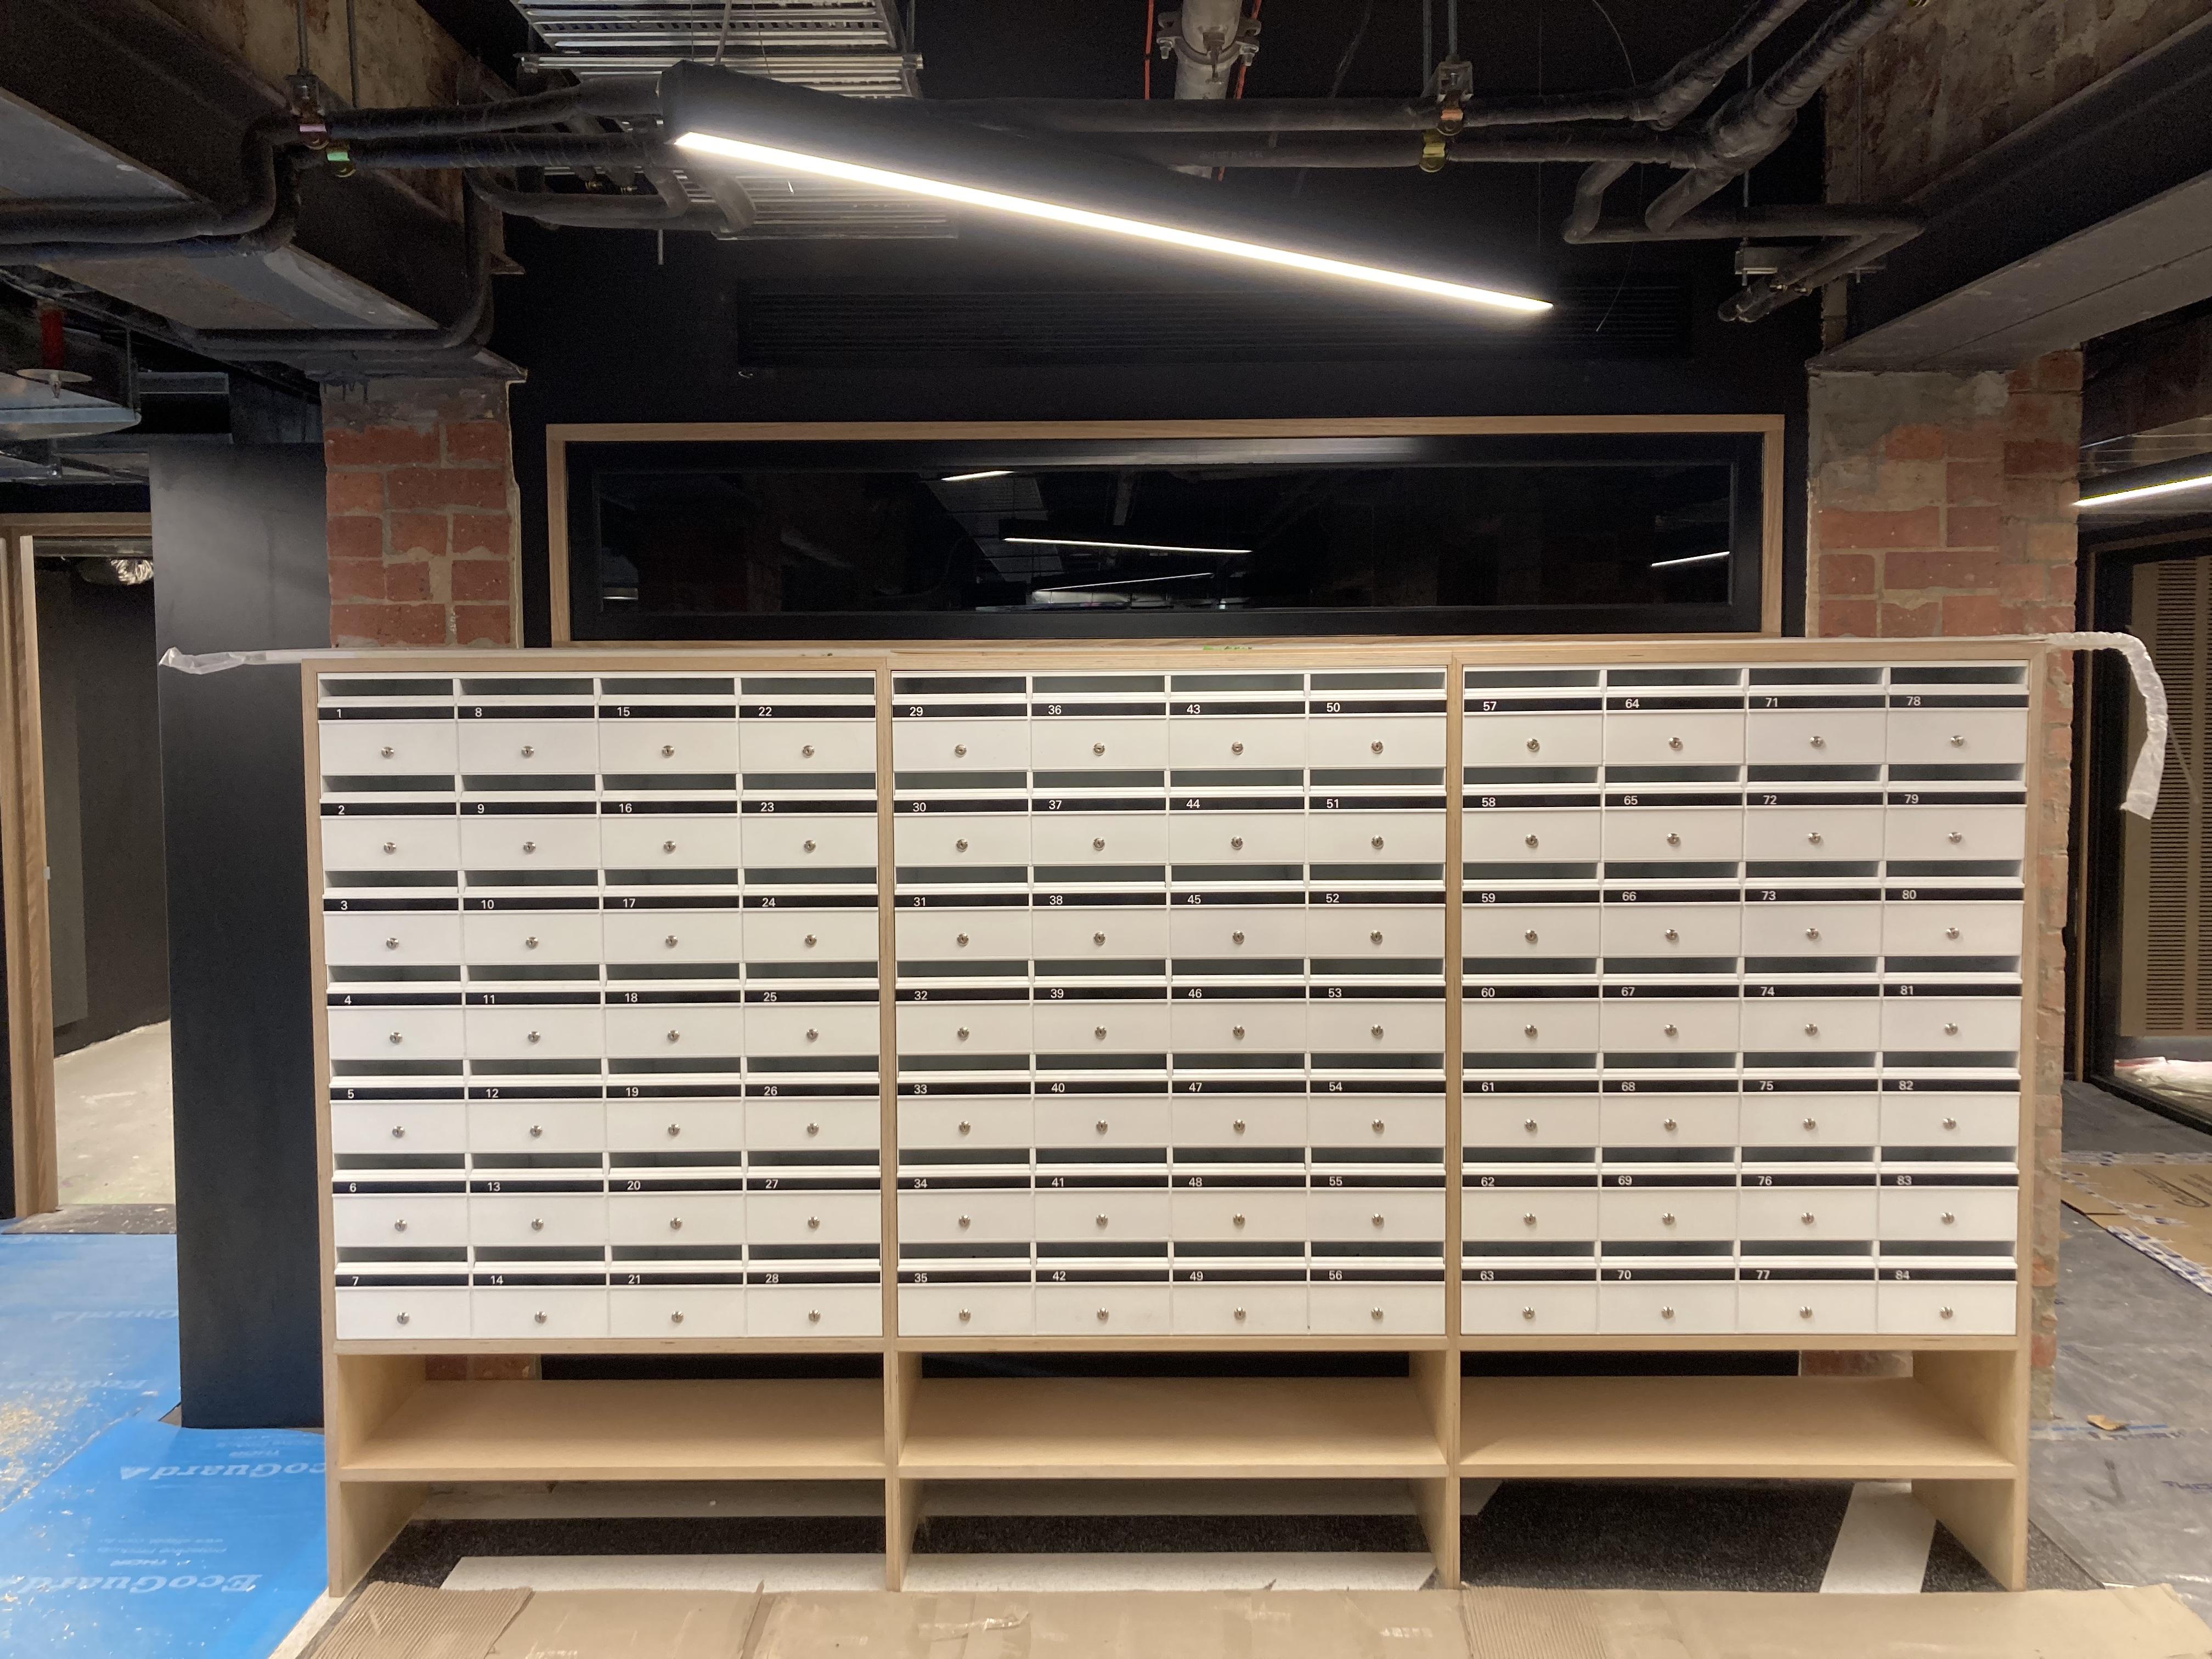 New PBS lockers!